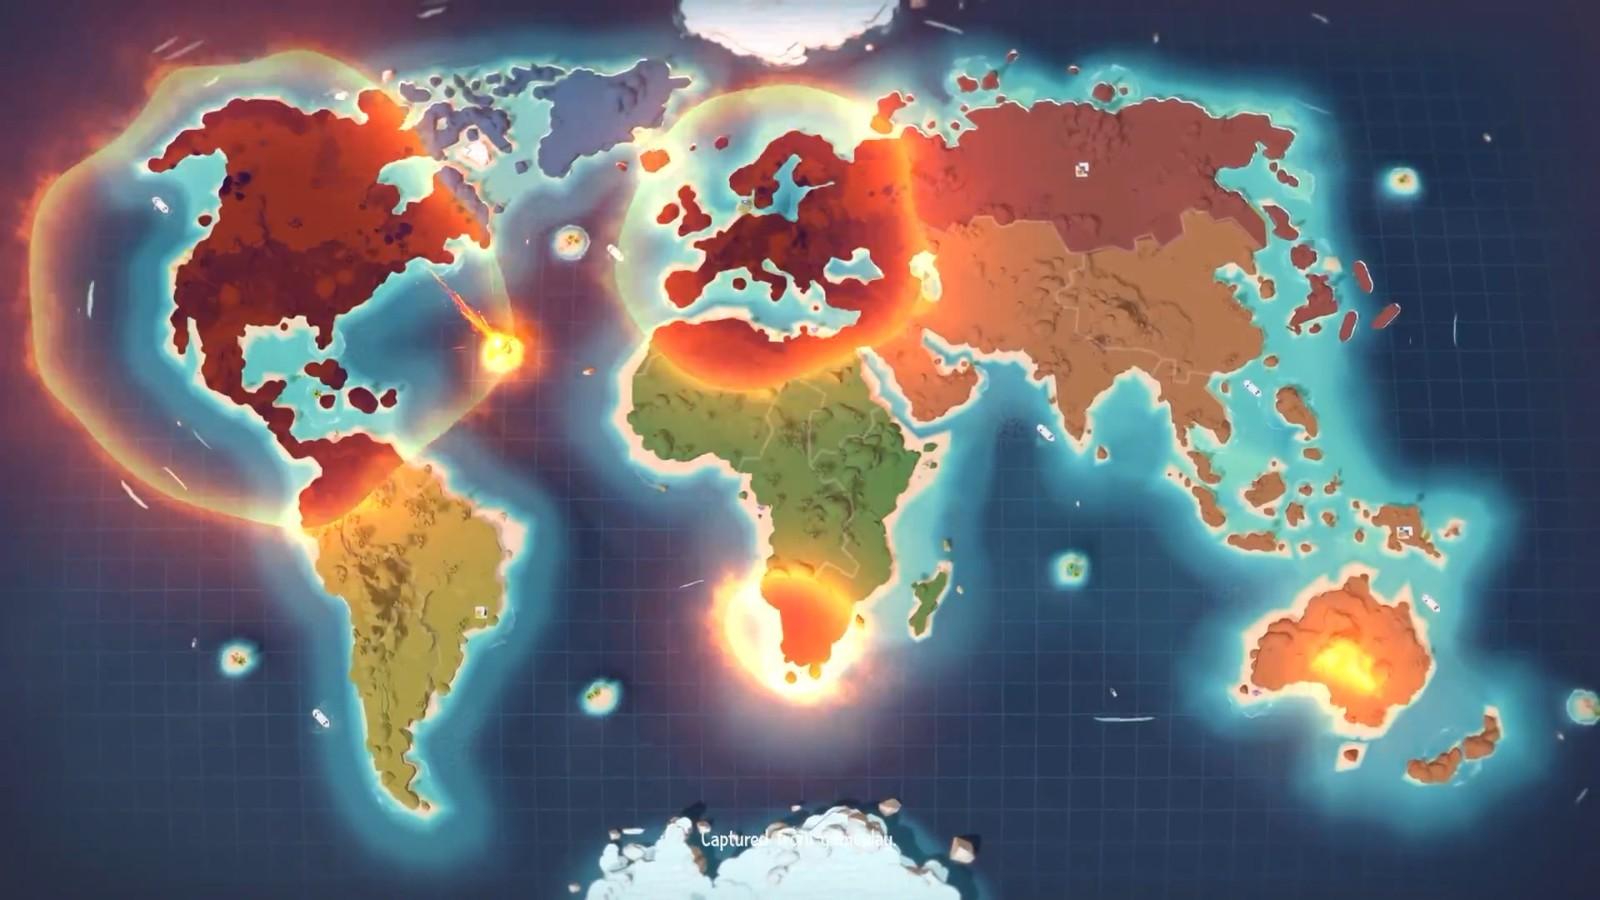 《邪恶天才2:世界统治》11月30日登陆主机 恶人主角基建游戏